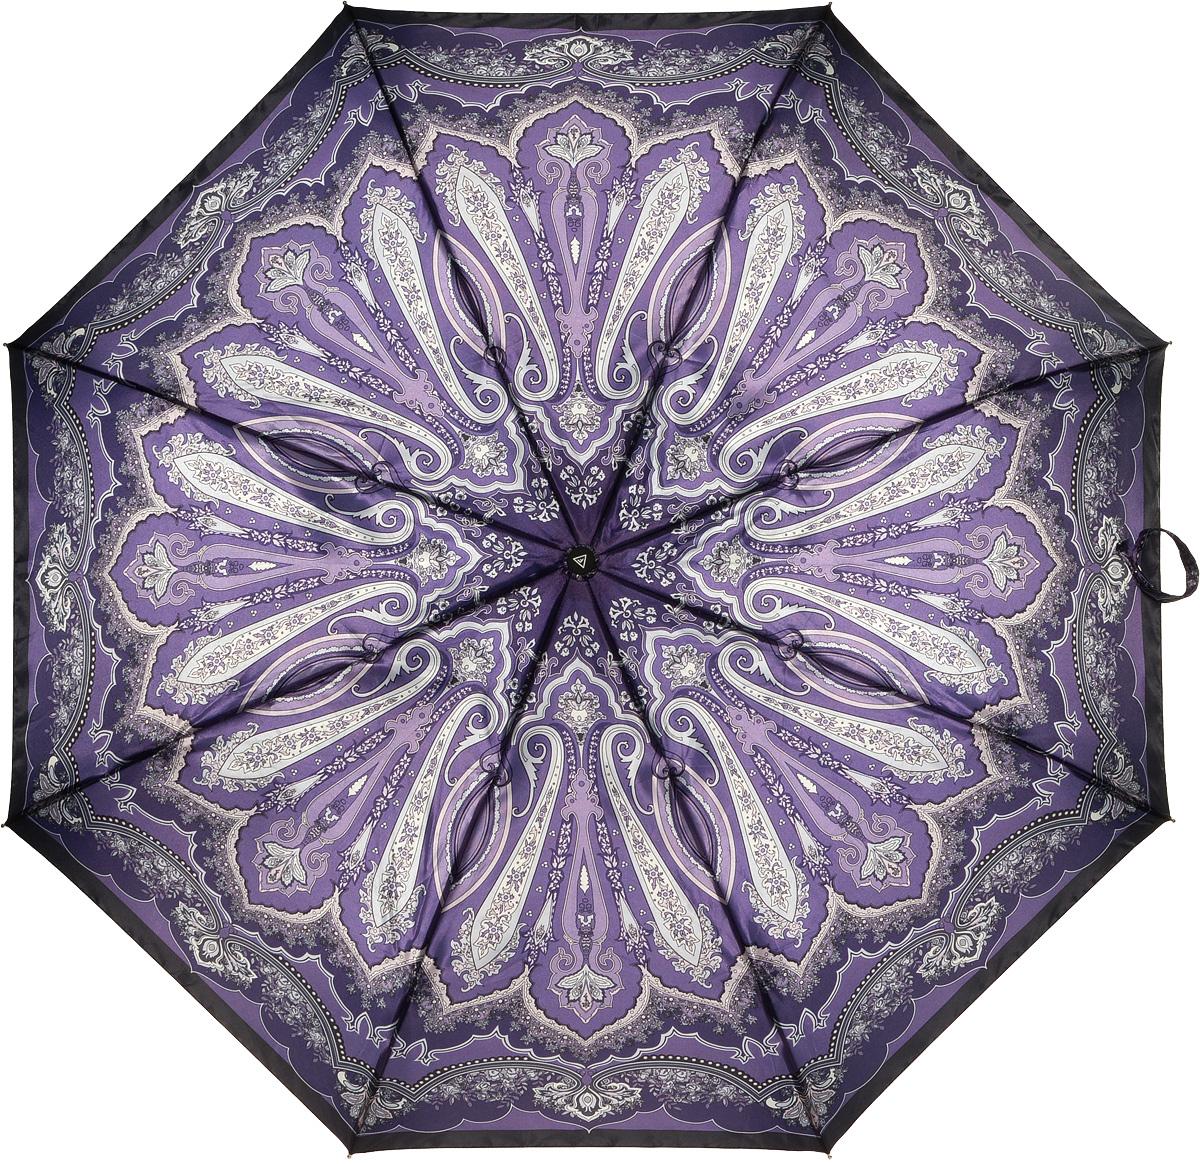 Зонт женский Fabretti, полный автомат, 3 сложения, цвет: мультиколор. S-16100-6S-16100-6Зонт женский Fabretti, суперавтомат, 3 сложения, сатин